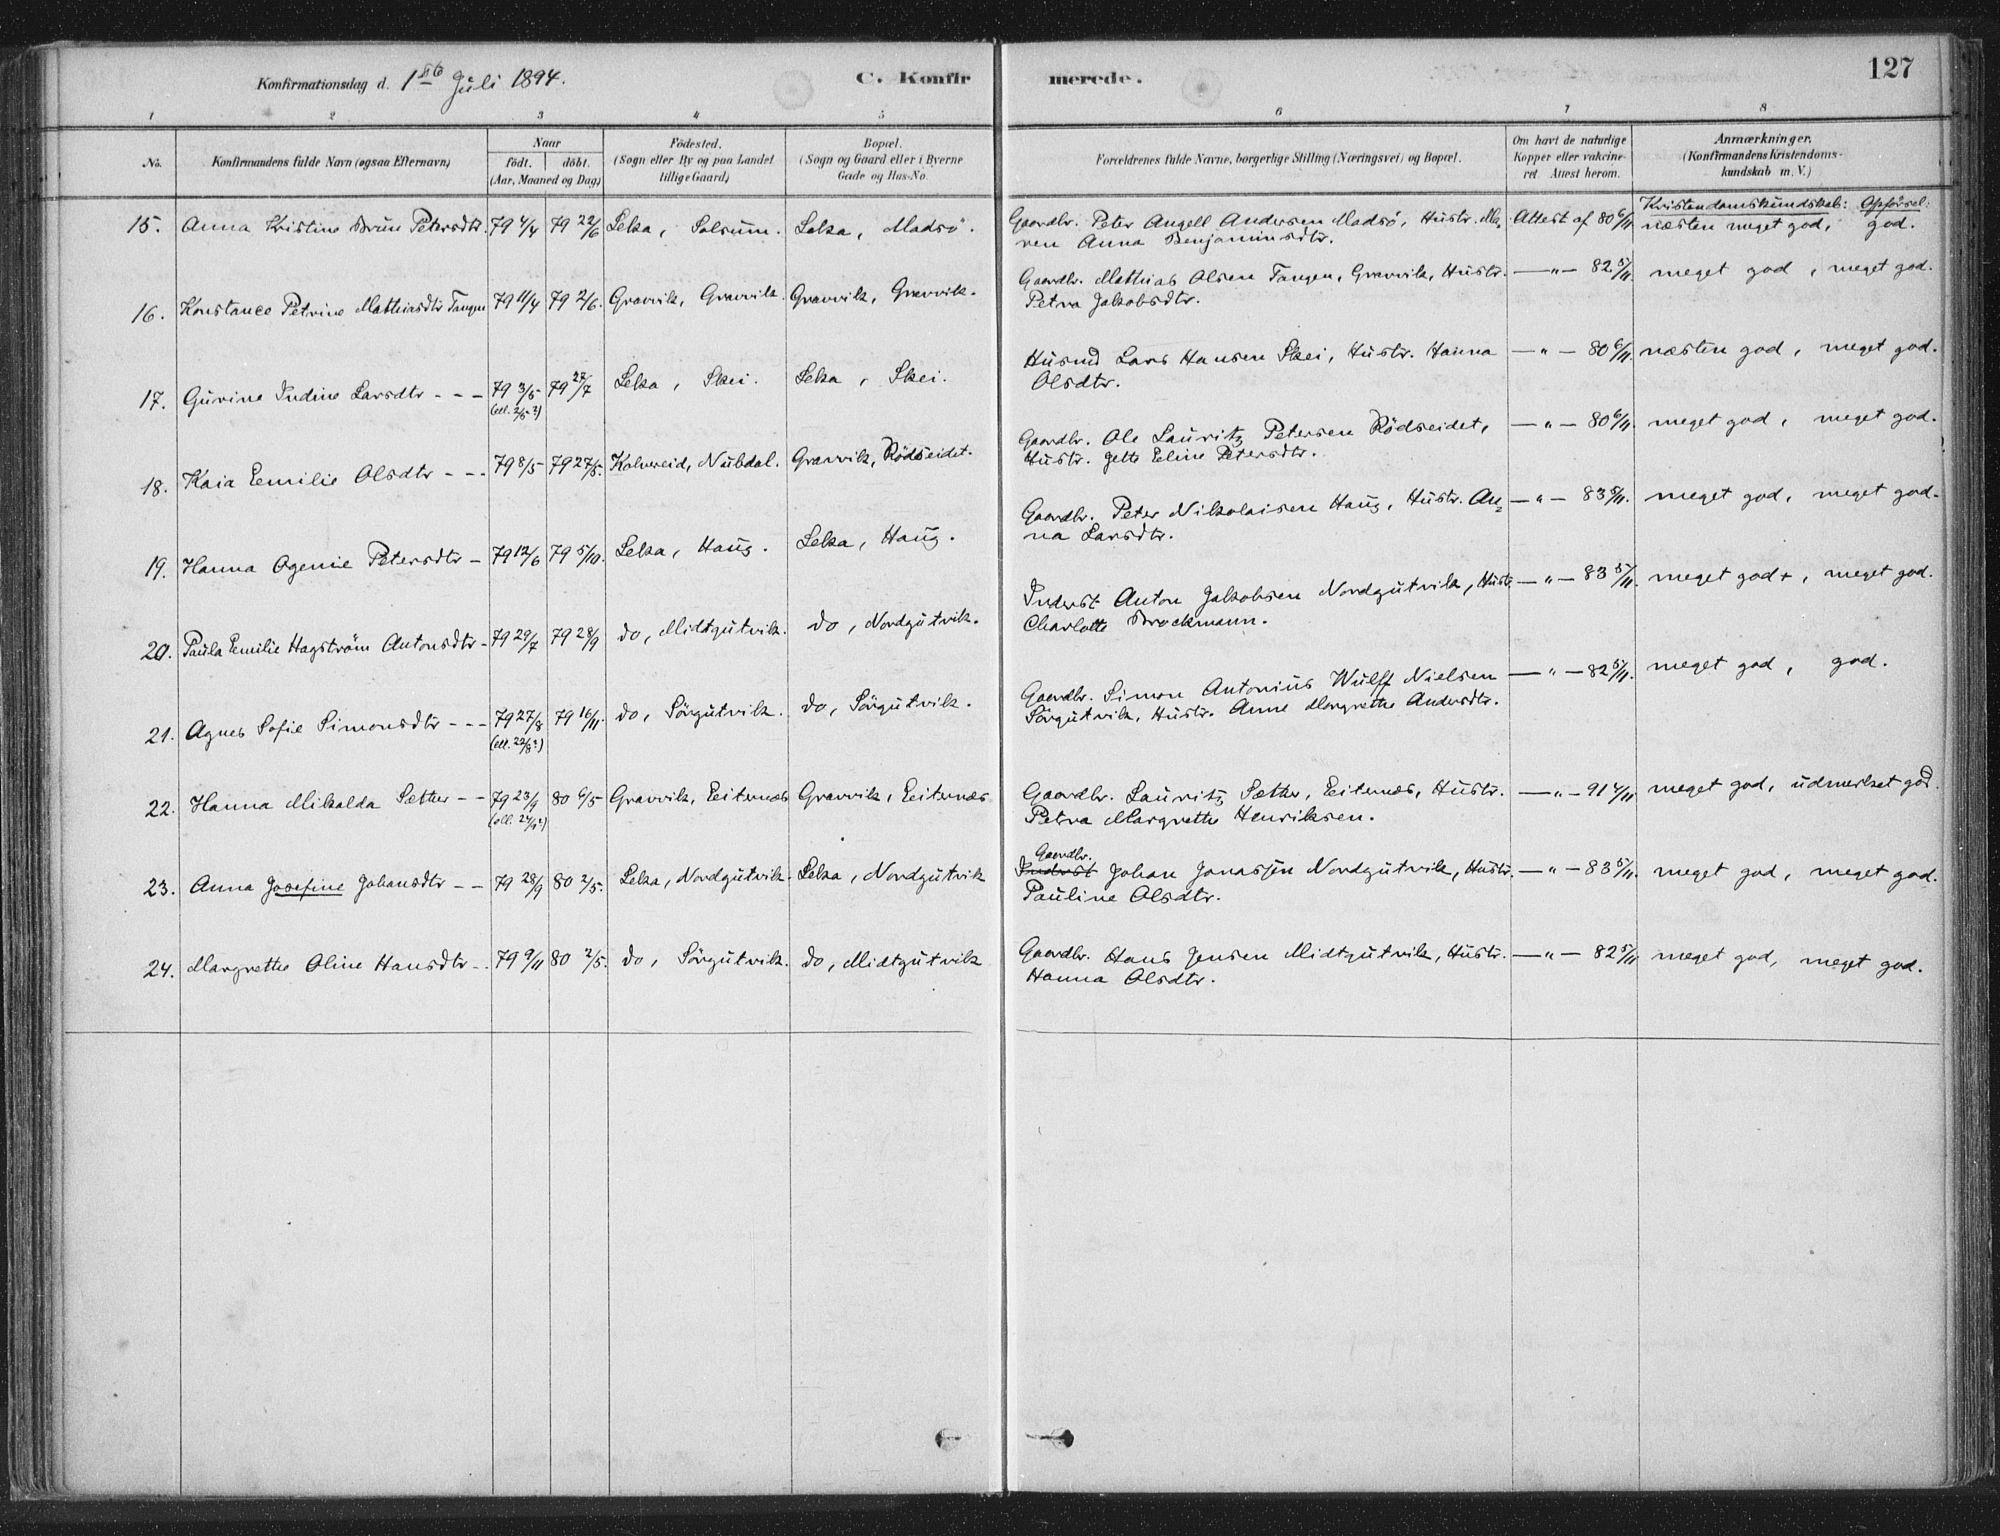 SAT, Ministerialprotokoller, klokkerbøker og fødselsregistre - Nord-Trøndelag, 788/L0697: Parish register (official) no. 788A04, 1878-1902, p. 127